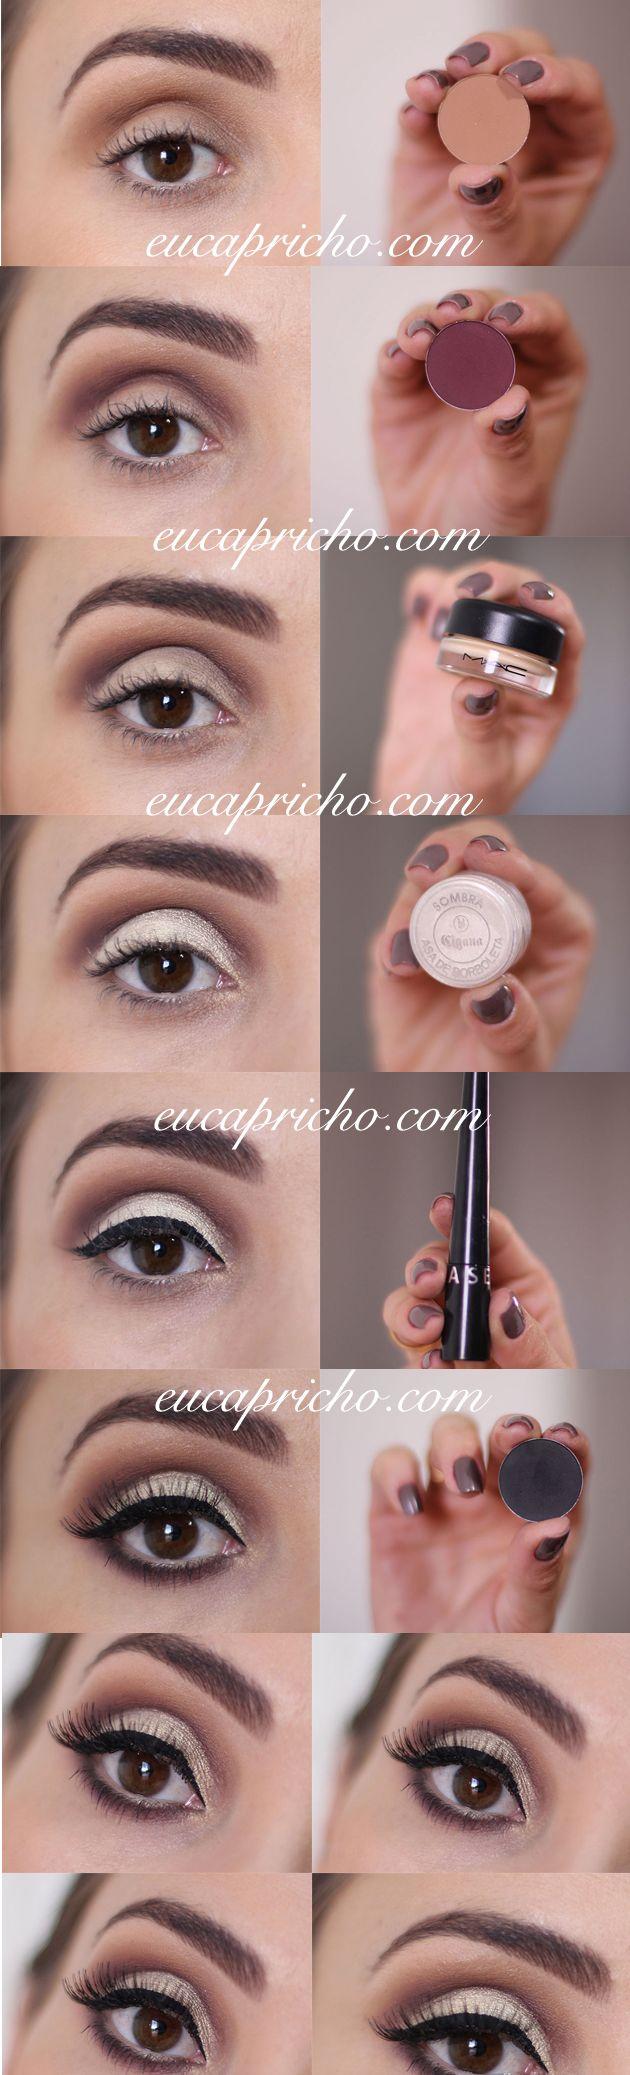 Passo a passo toturial fácil cute crease concavo marcado. Post completo no link http://www.eucapricho.com/2016/04/01/maquiagem-passo-passo-cut-crease/#more-30499